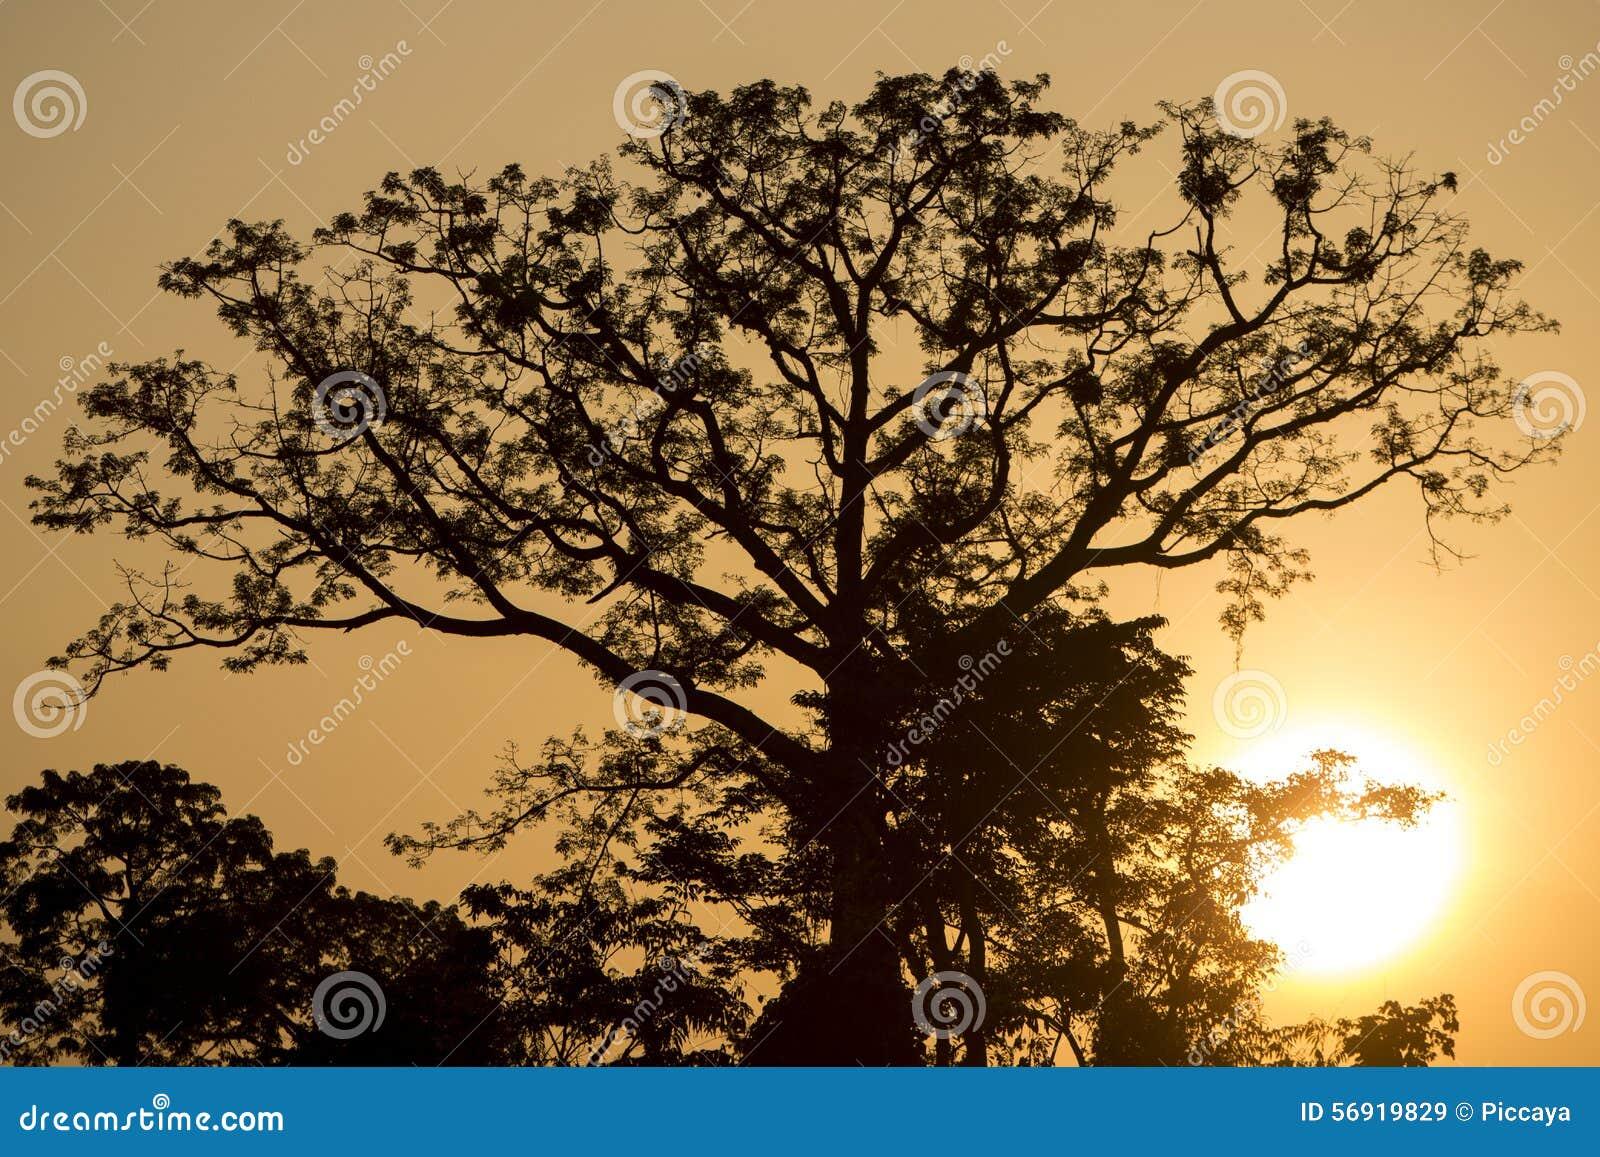 Αναδρομικά φωτισμένος του δέντρου στον ποταμό Catatumbo κοντά στη λίμνη του Μαρακαΐμπο